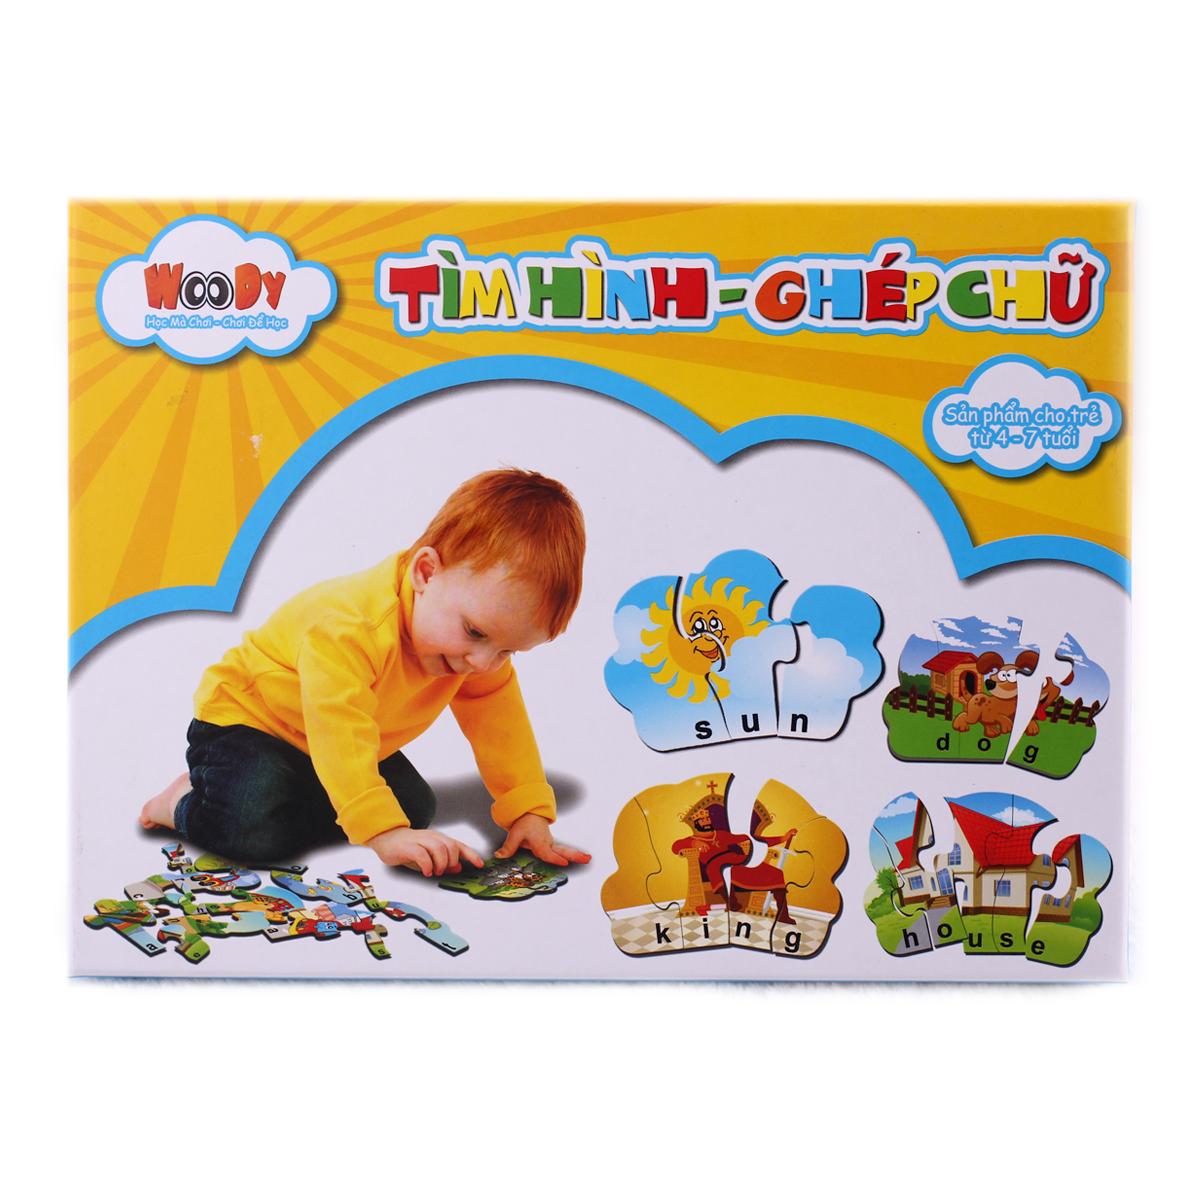 Tranh ghep giay - Tim hinh ghep chu